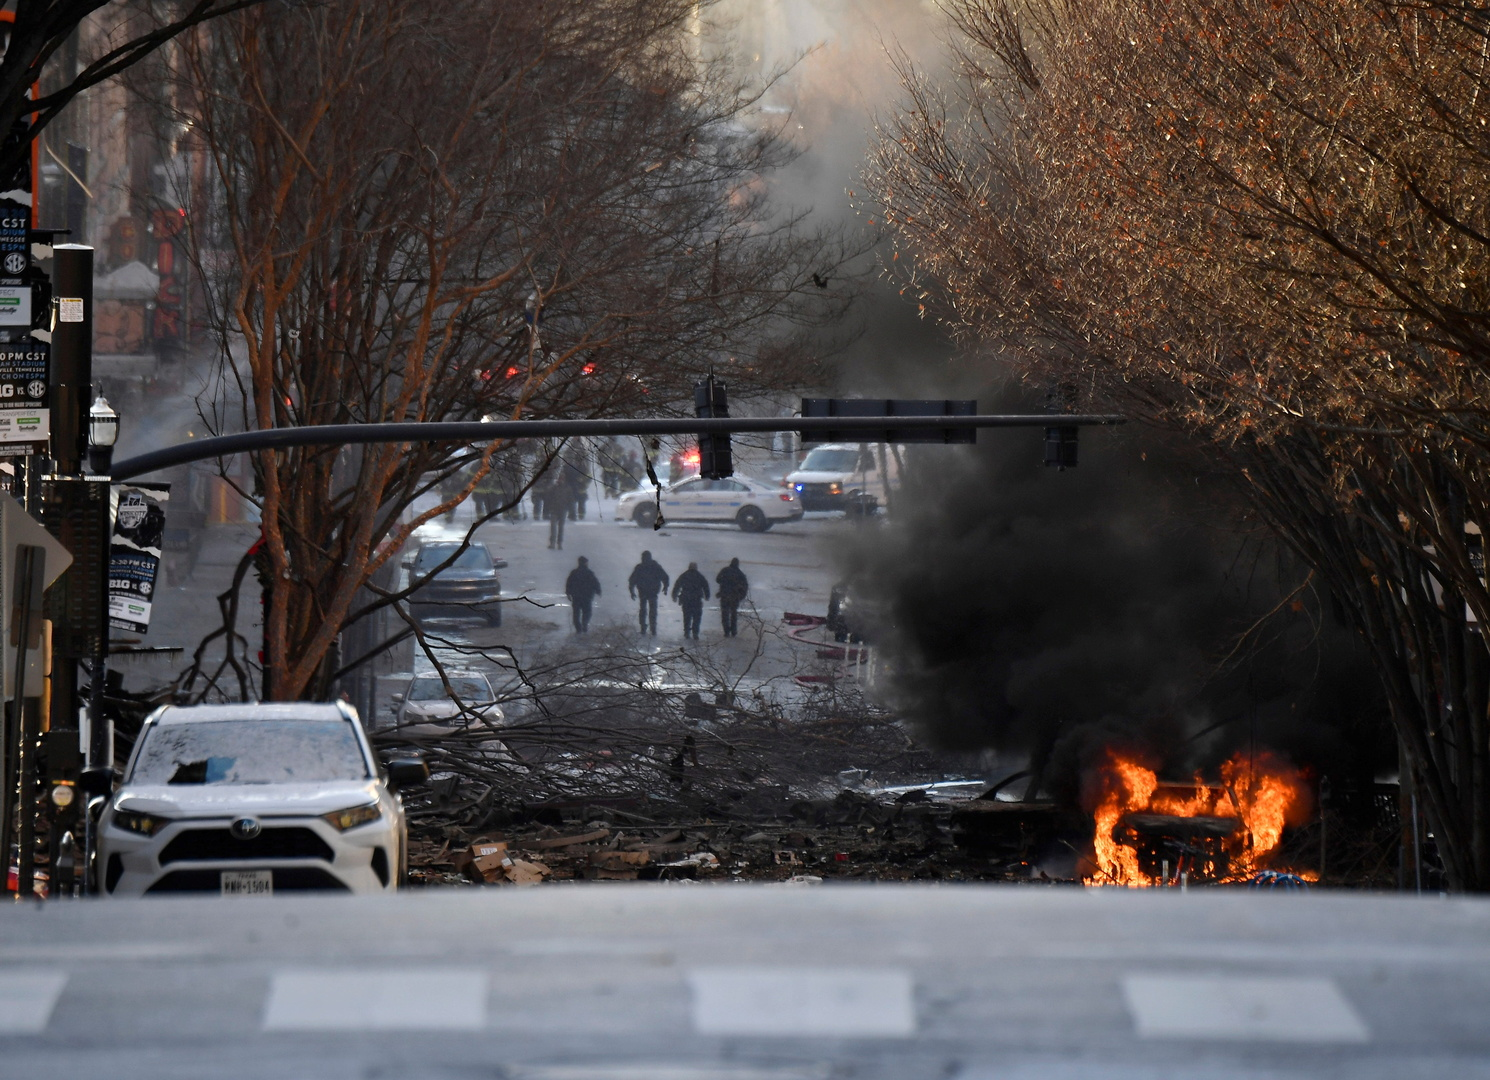 الشرطة الأمريكية تعلن اسم المشتبه به في إنفجار «ناشفيل» ودوافع الهجوم لم تعرف بعد